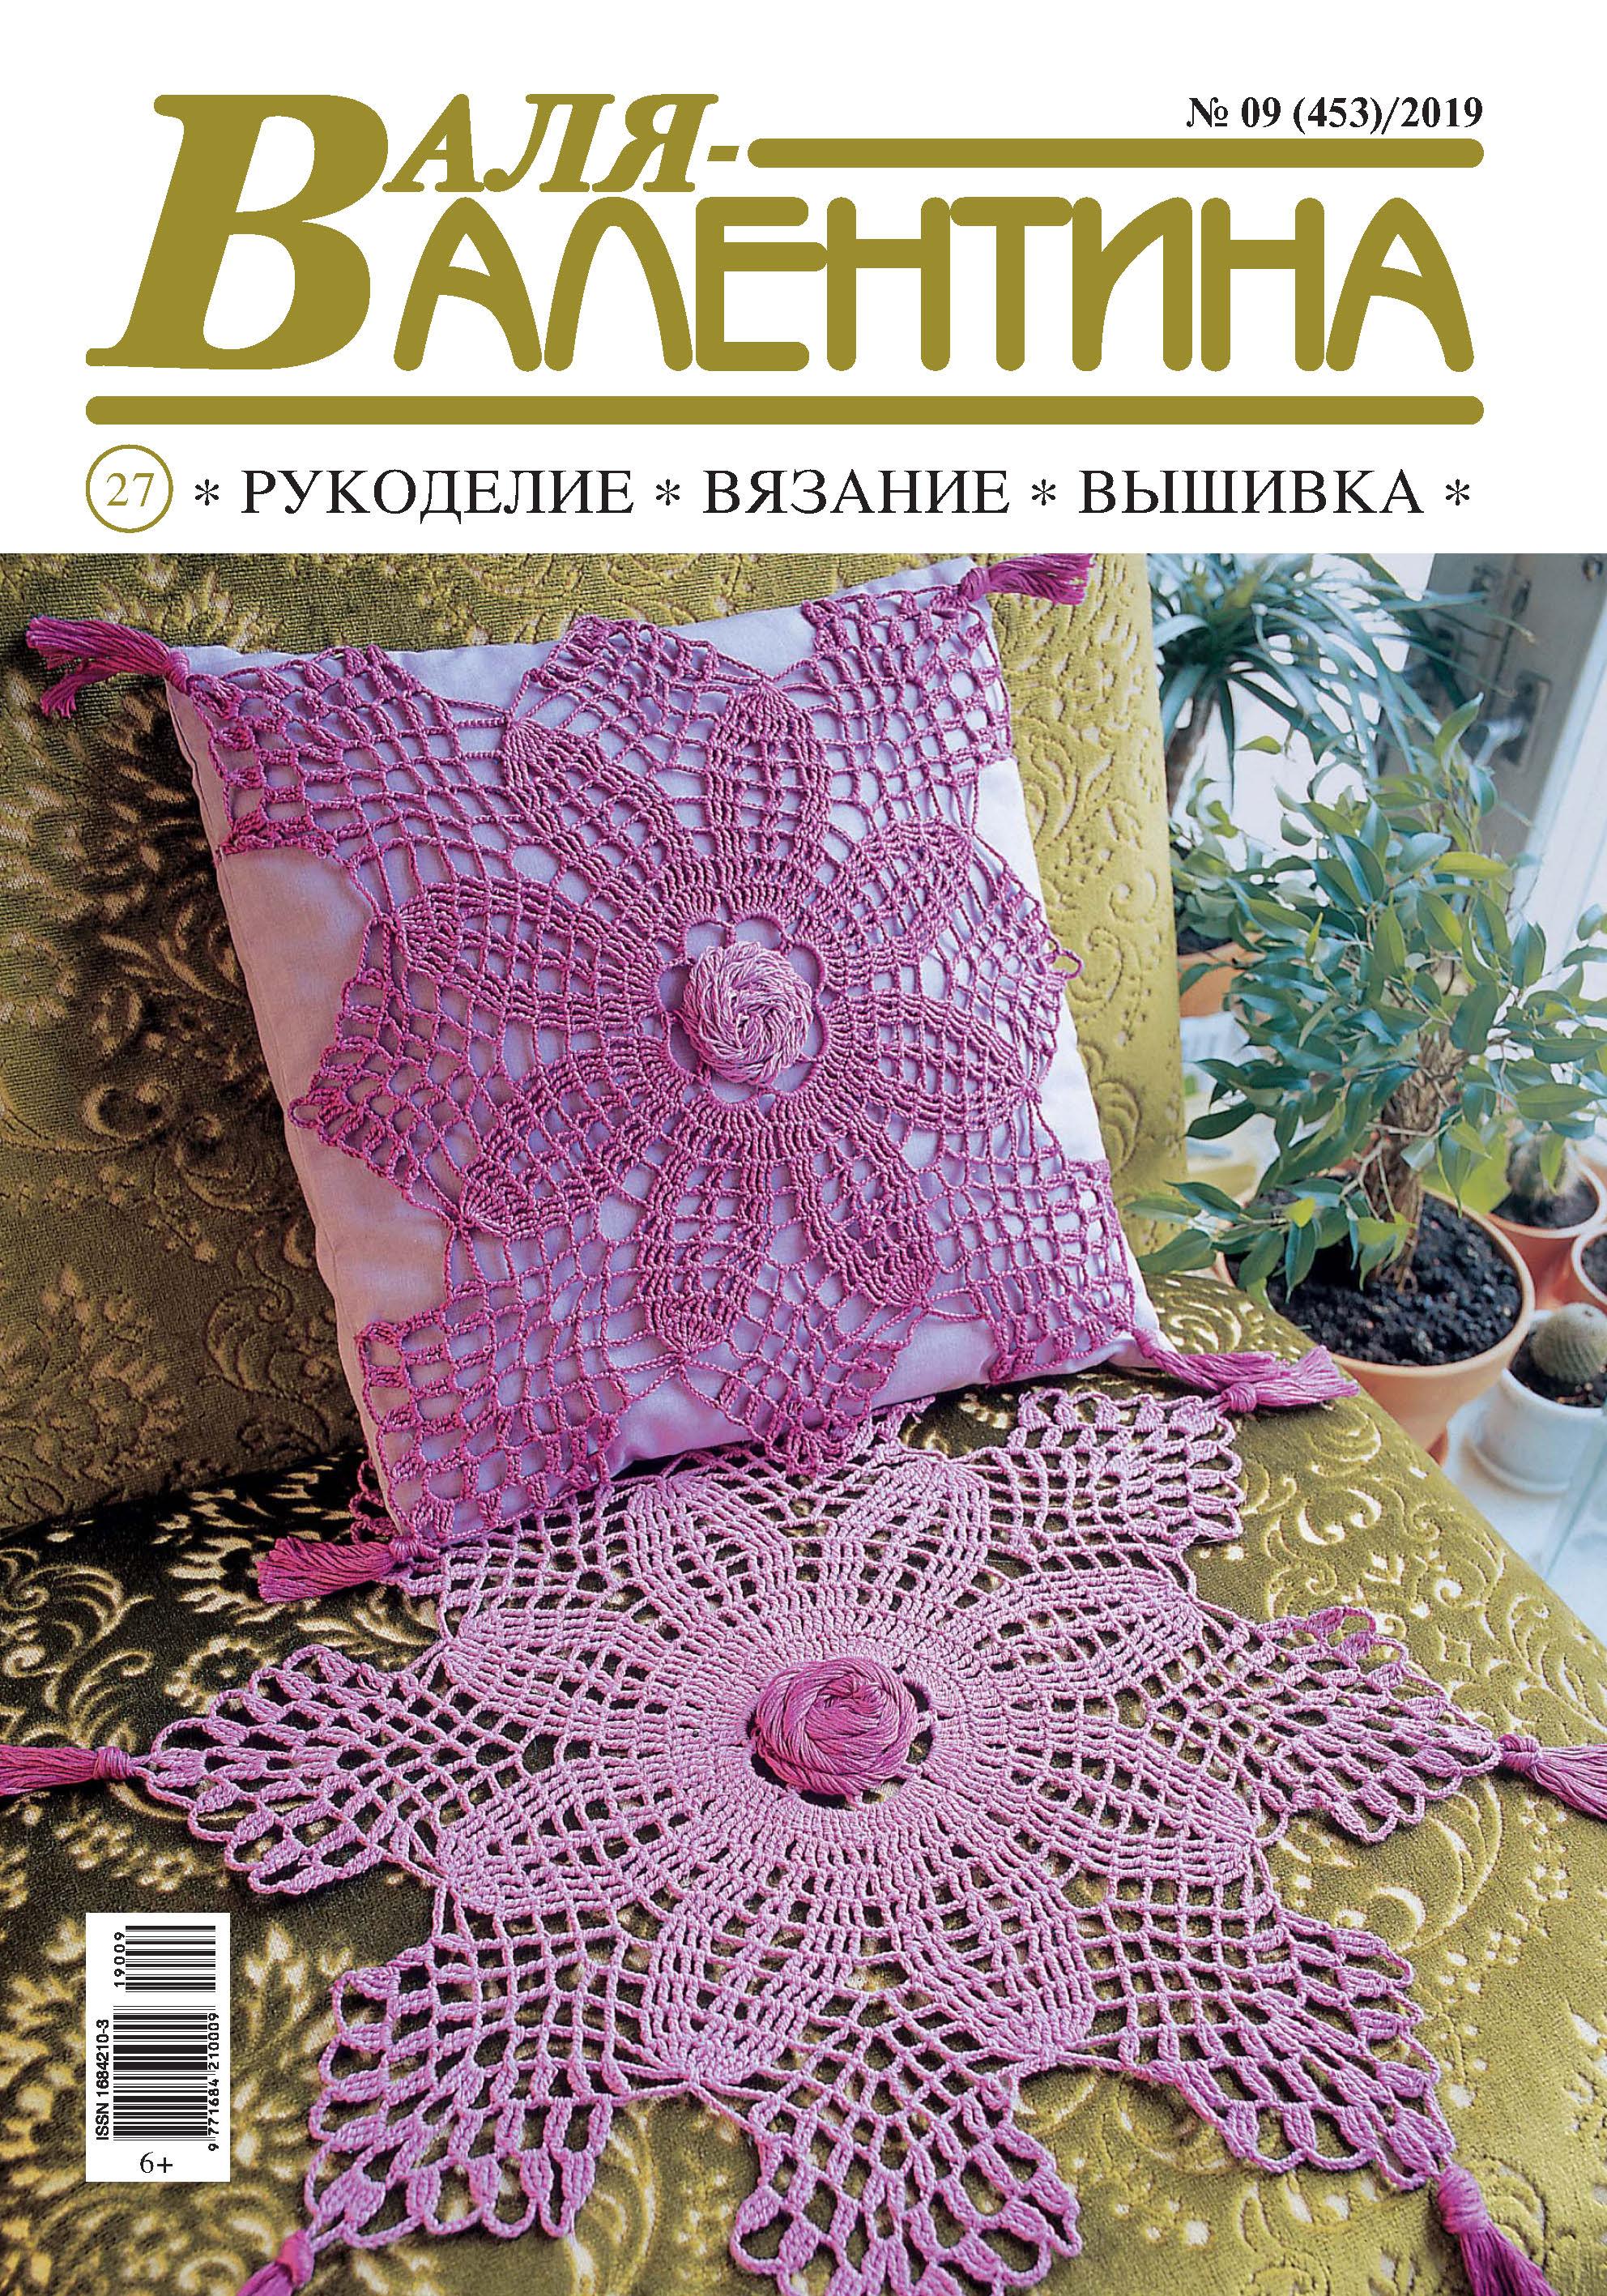 Валя-Валентина. Рукоделие, вязание, вышивка. №09/2019